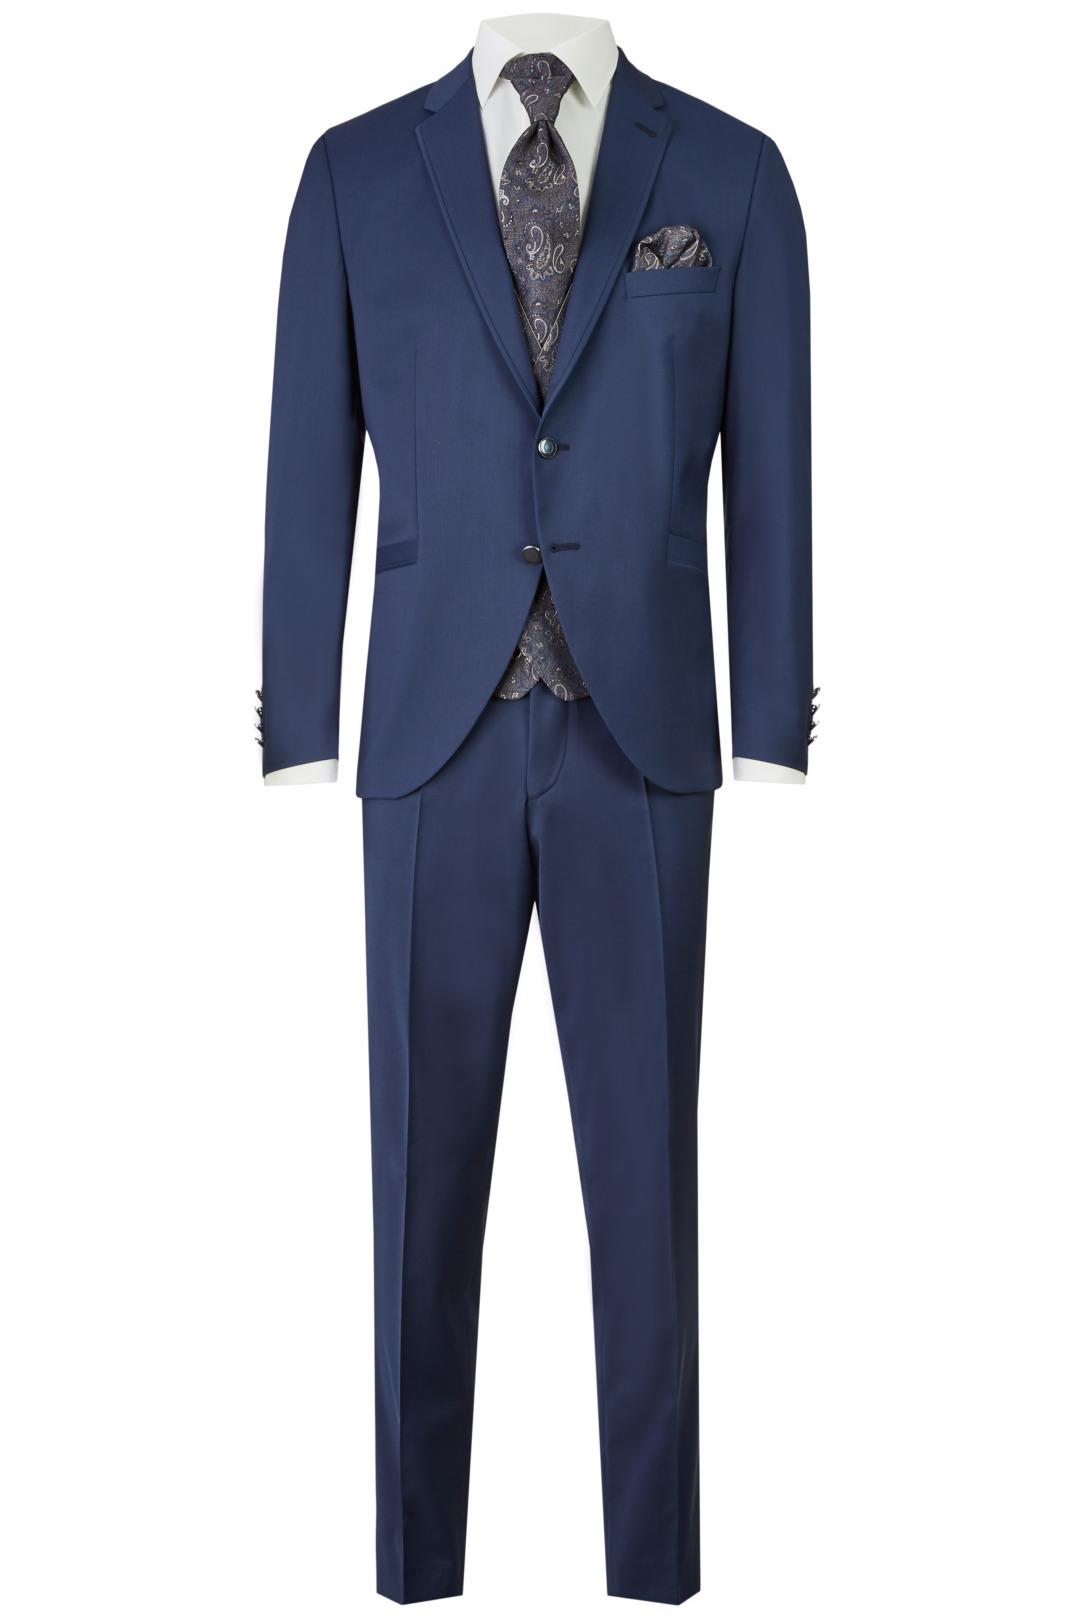 Wilvorst After Six Hochzeitsanzug Männer Mode Bräutigam klassische Form mittelblau wil_0121_otf_as-look-7_1